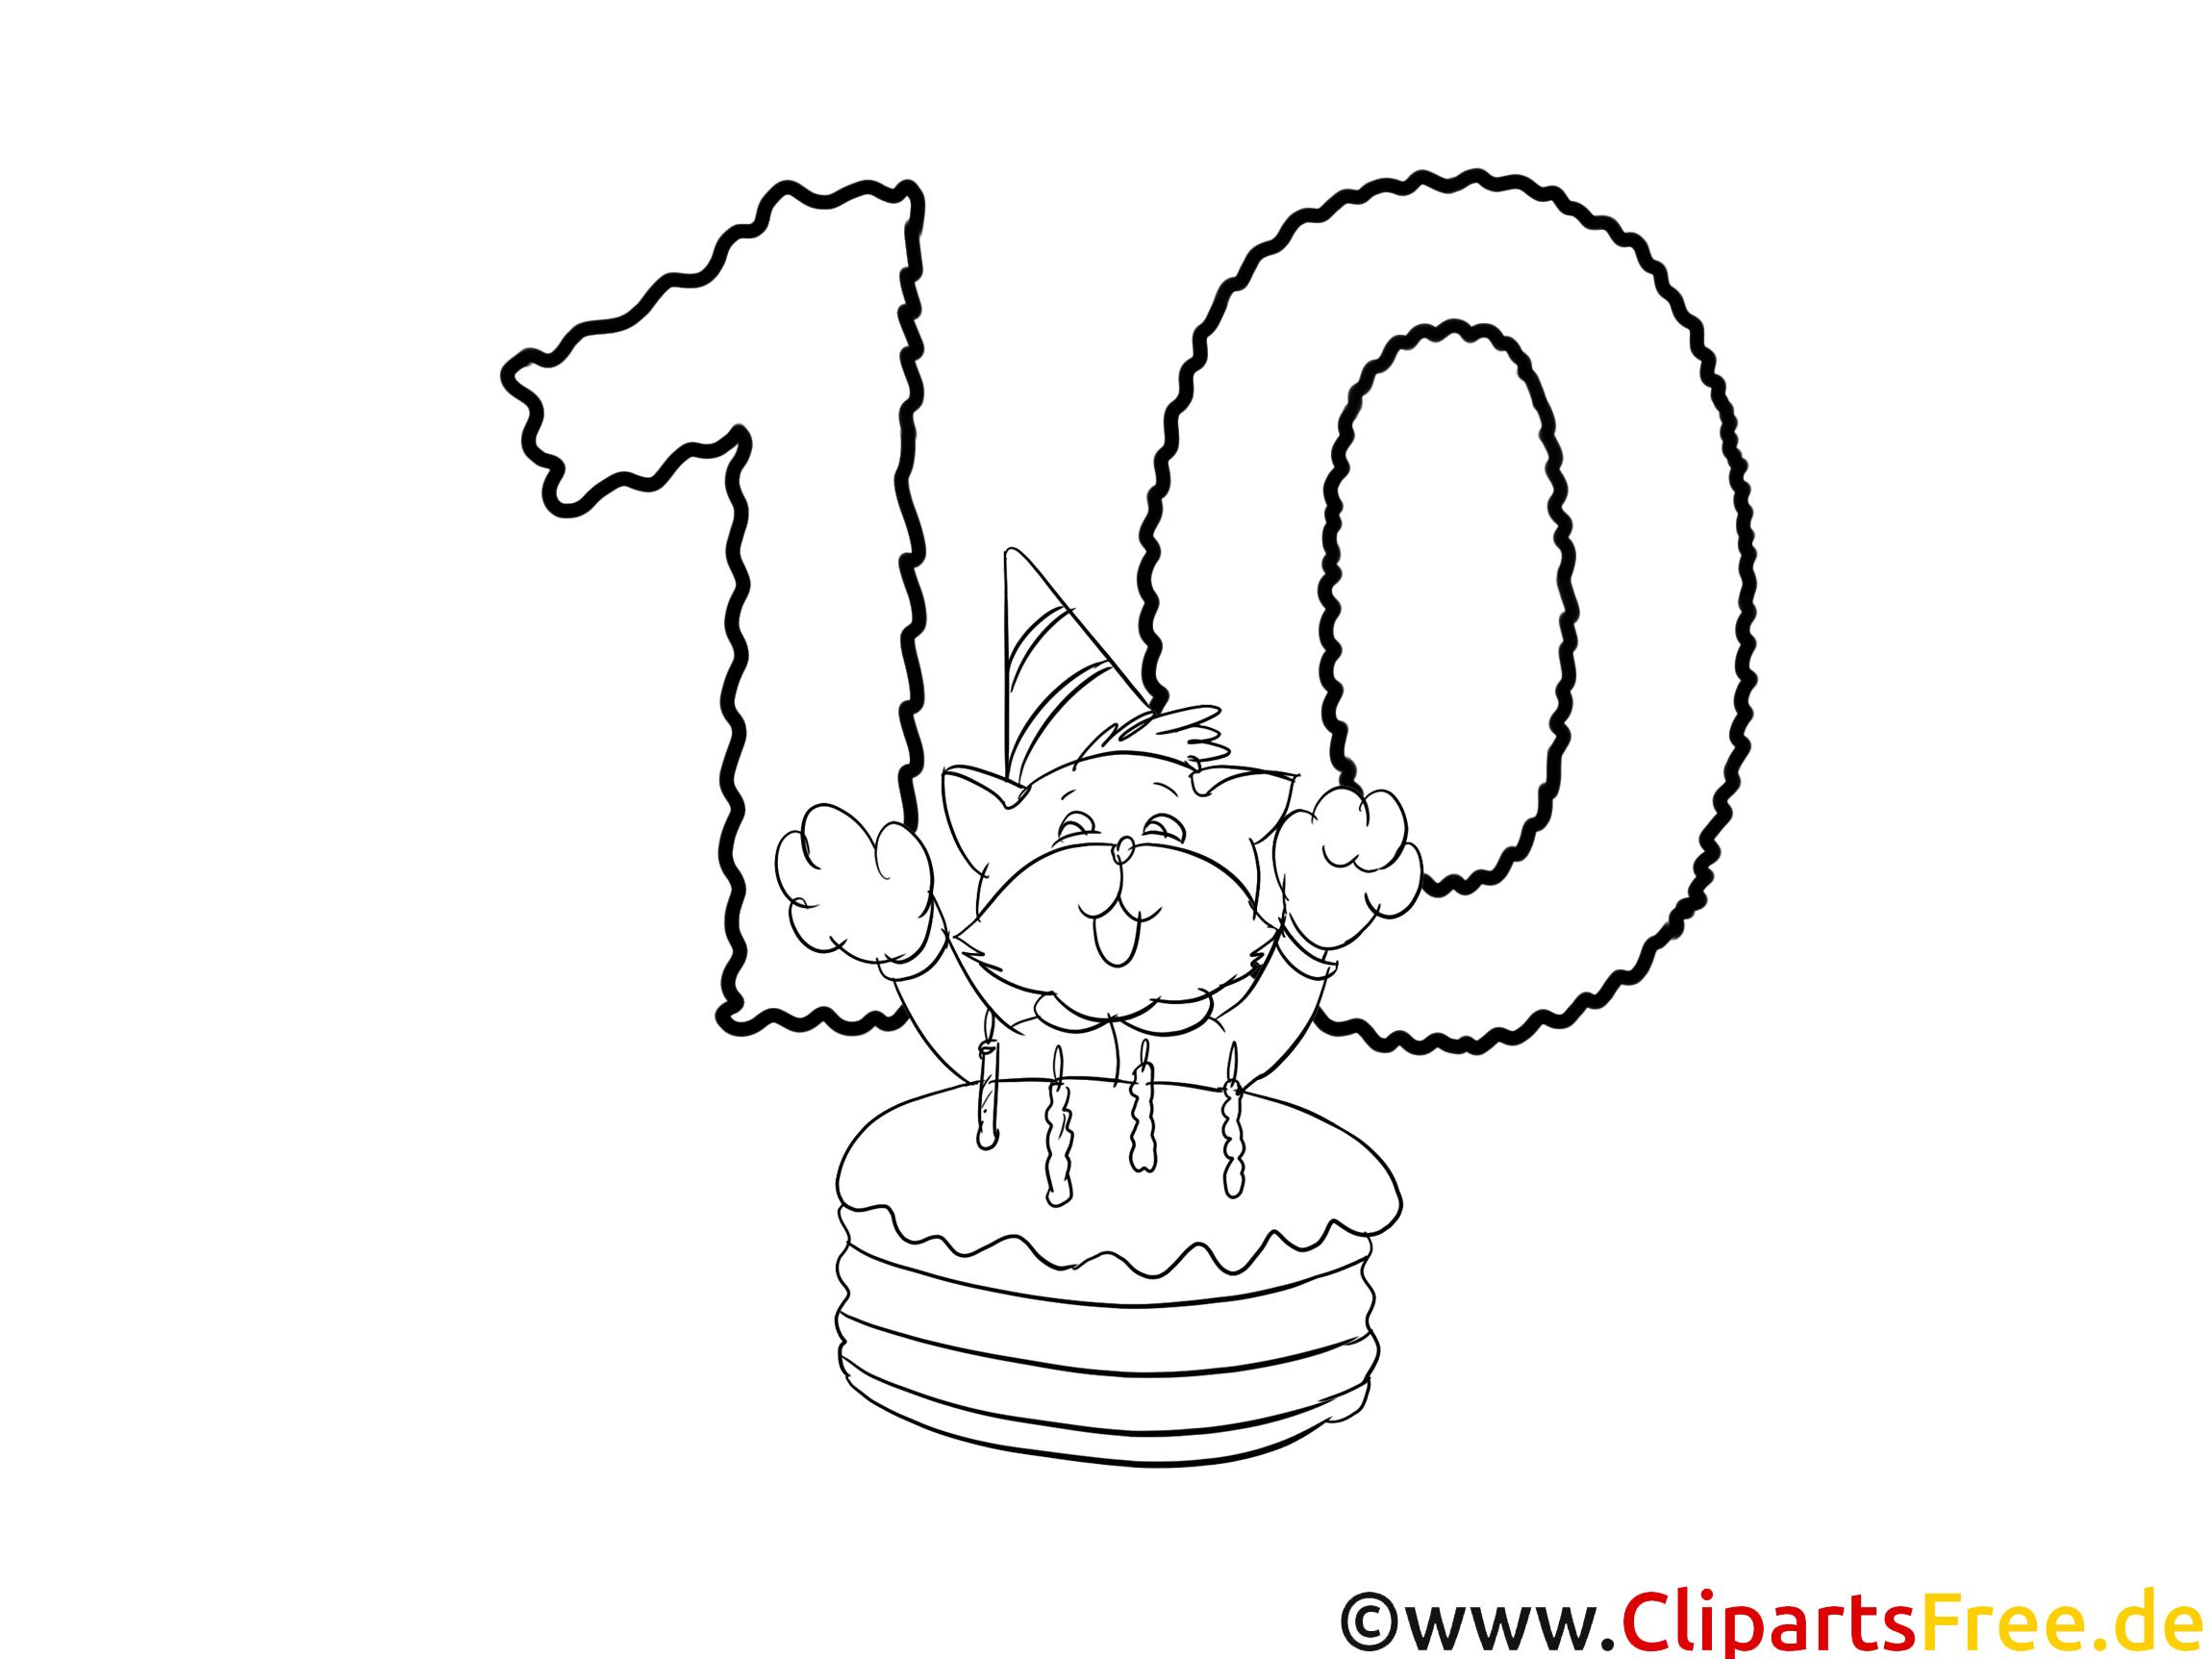 Coloriage anniversaire 10 ans - Coloriage fille 10 ans ...